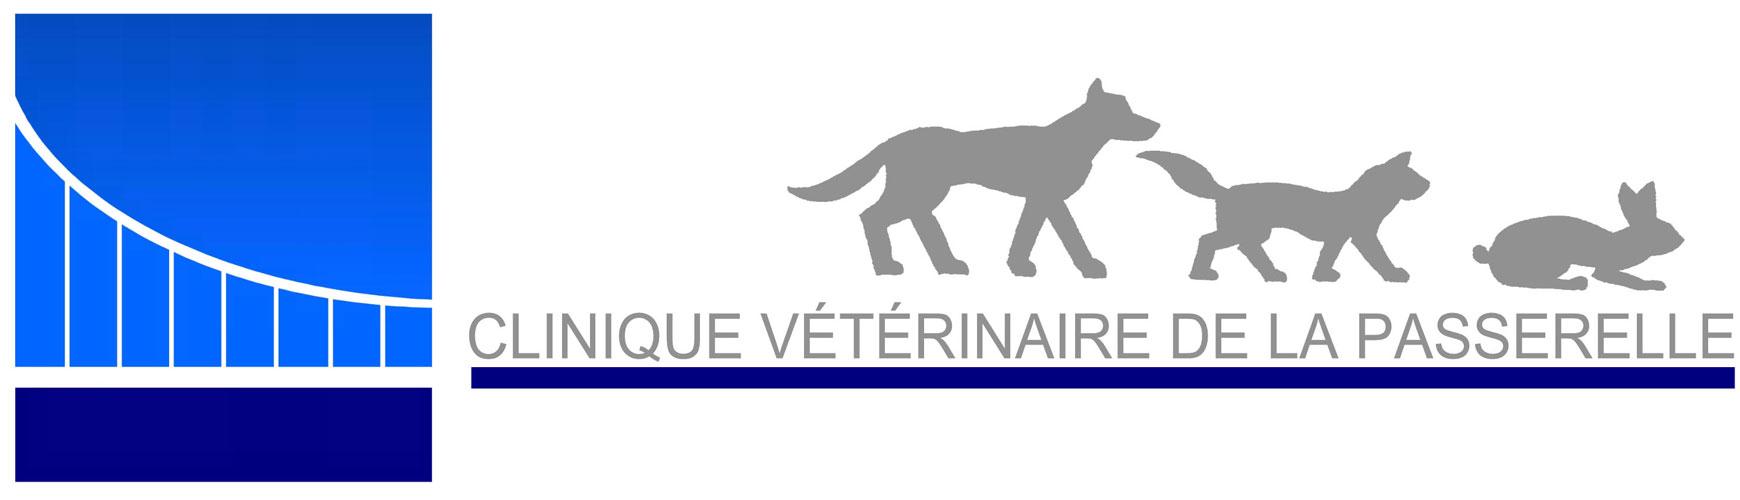 Clinique de la passerelle veterinaire givors chasse sur rhone grigny